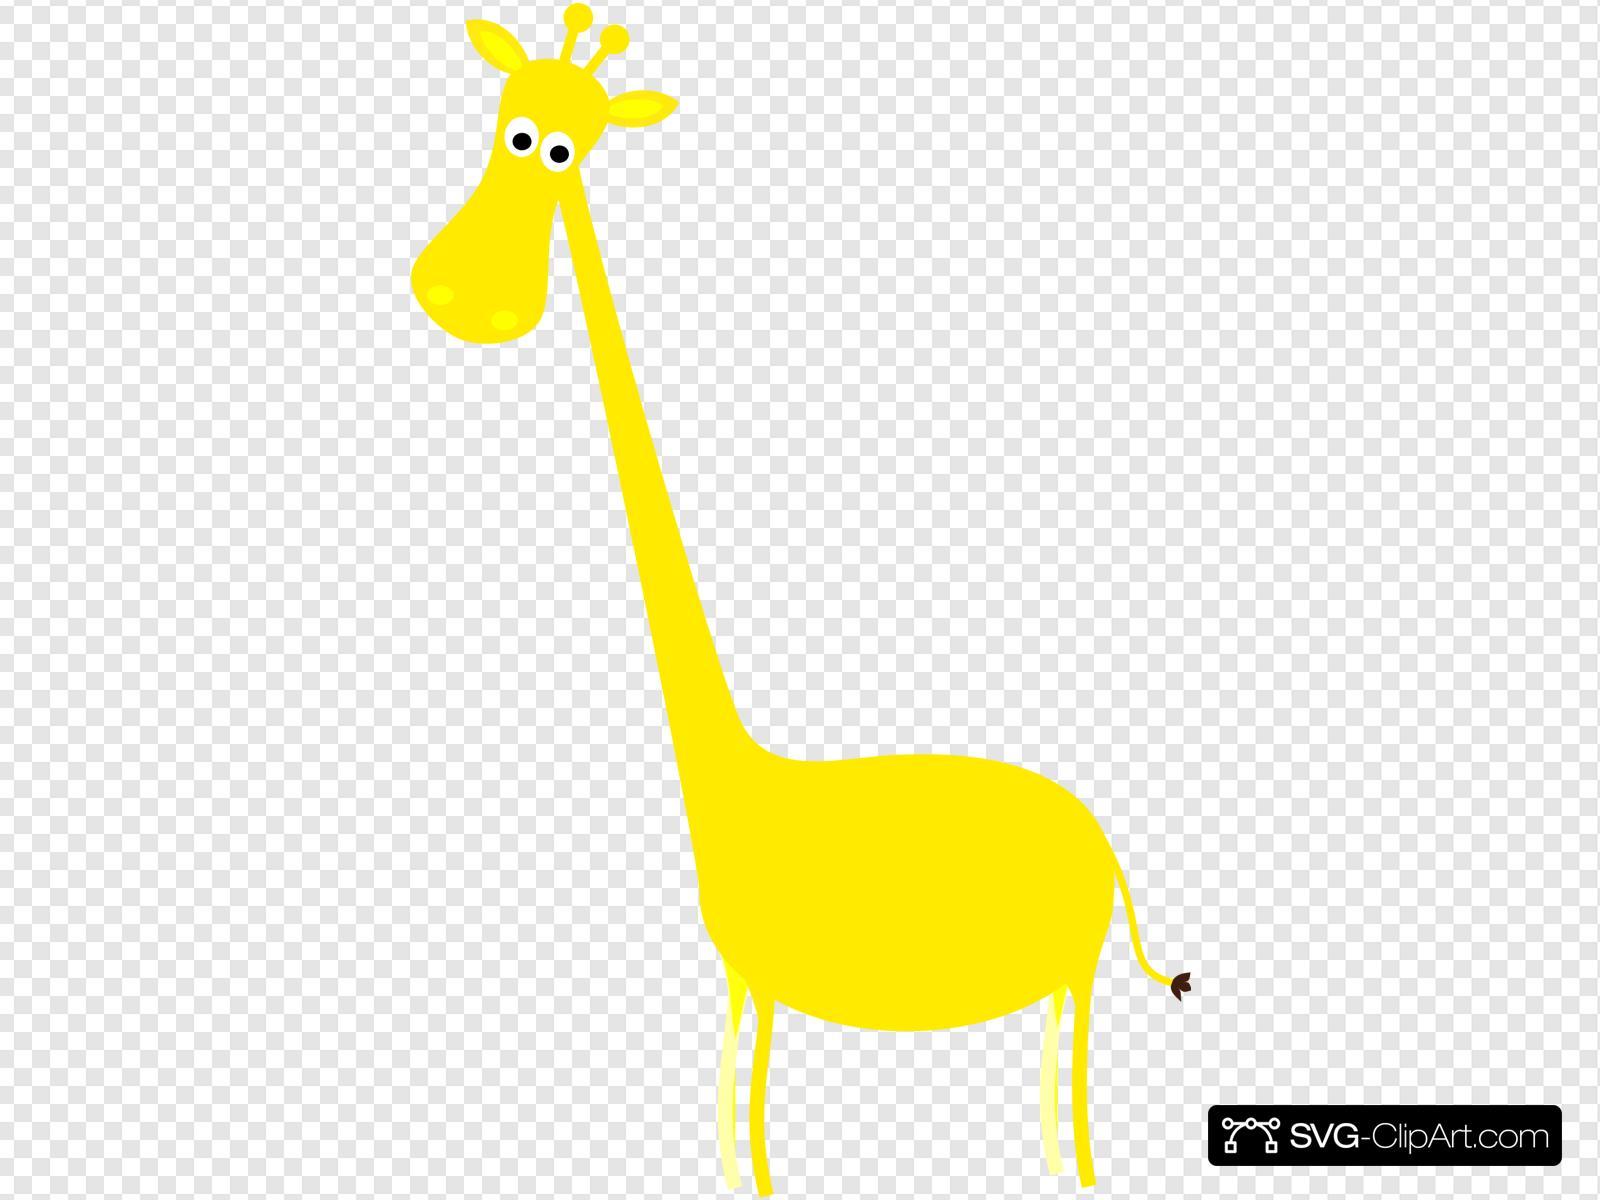 Giraffa Clip art, Icon and SVG.